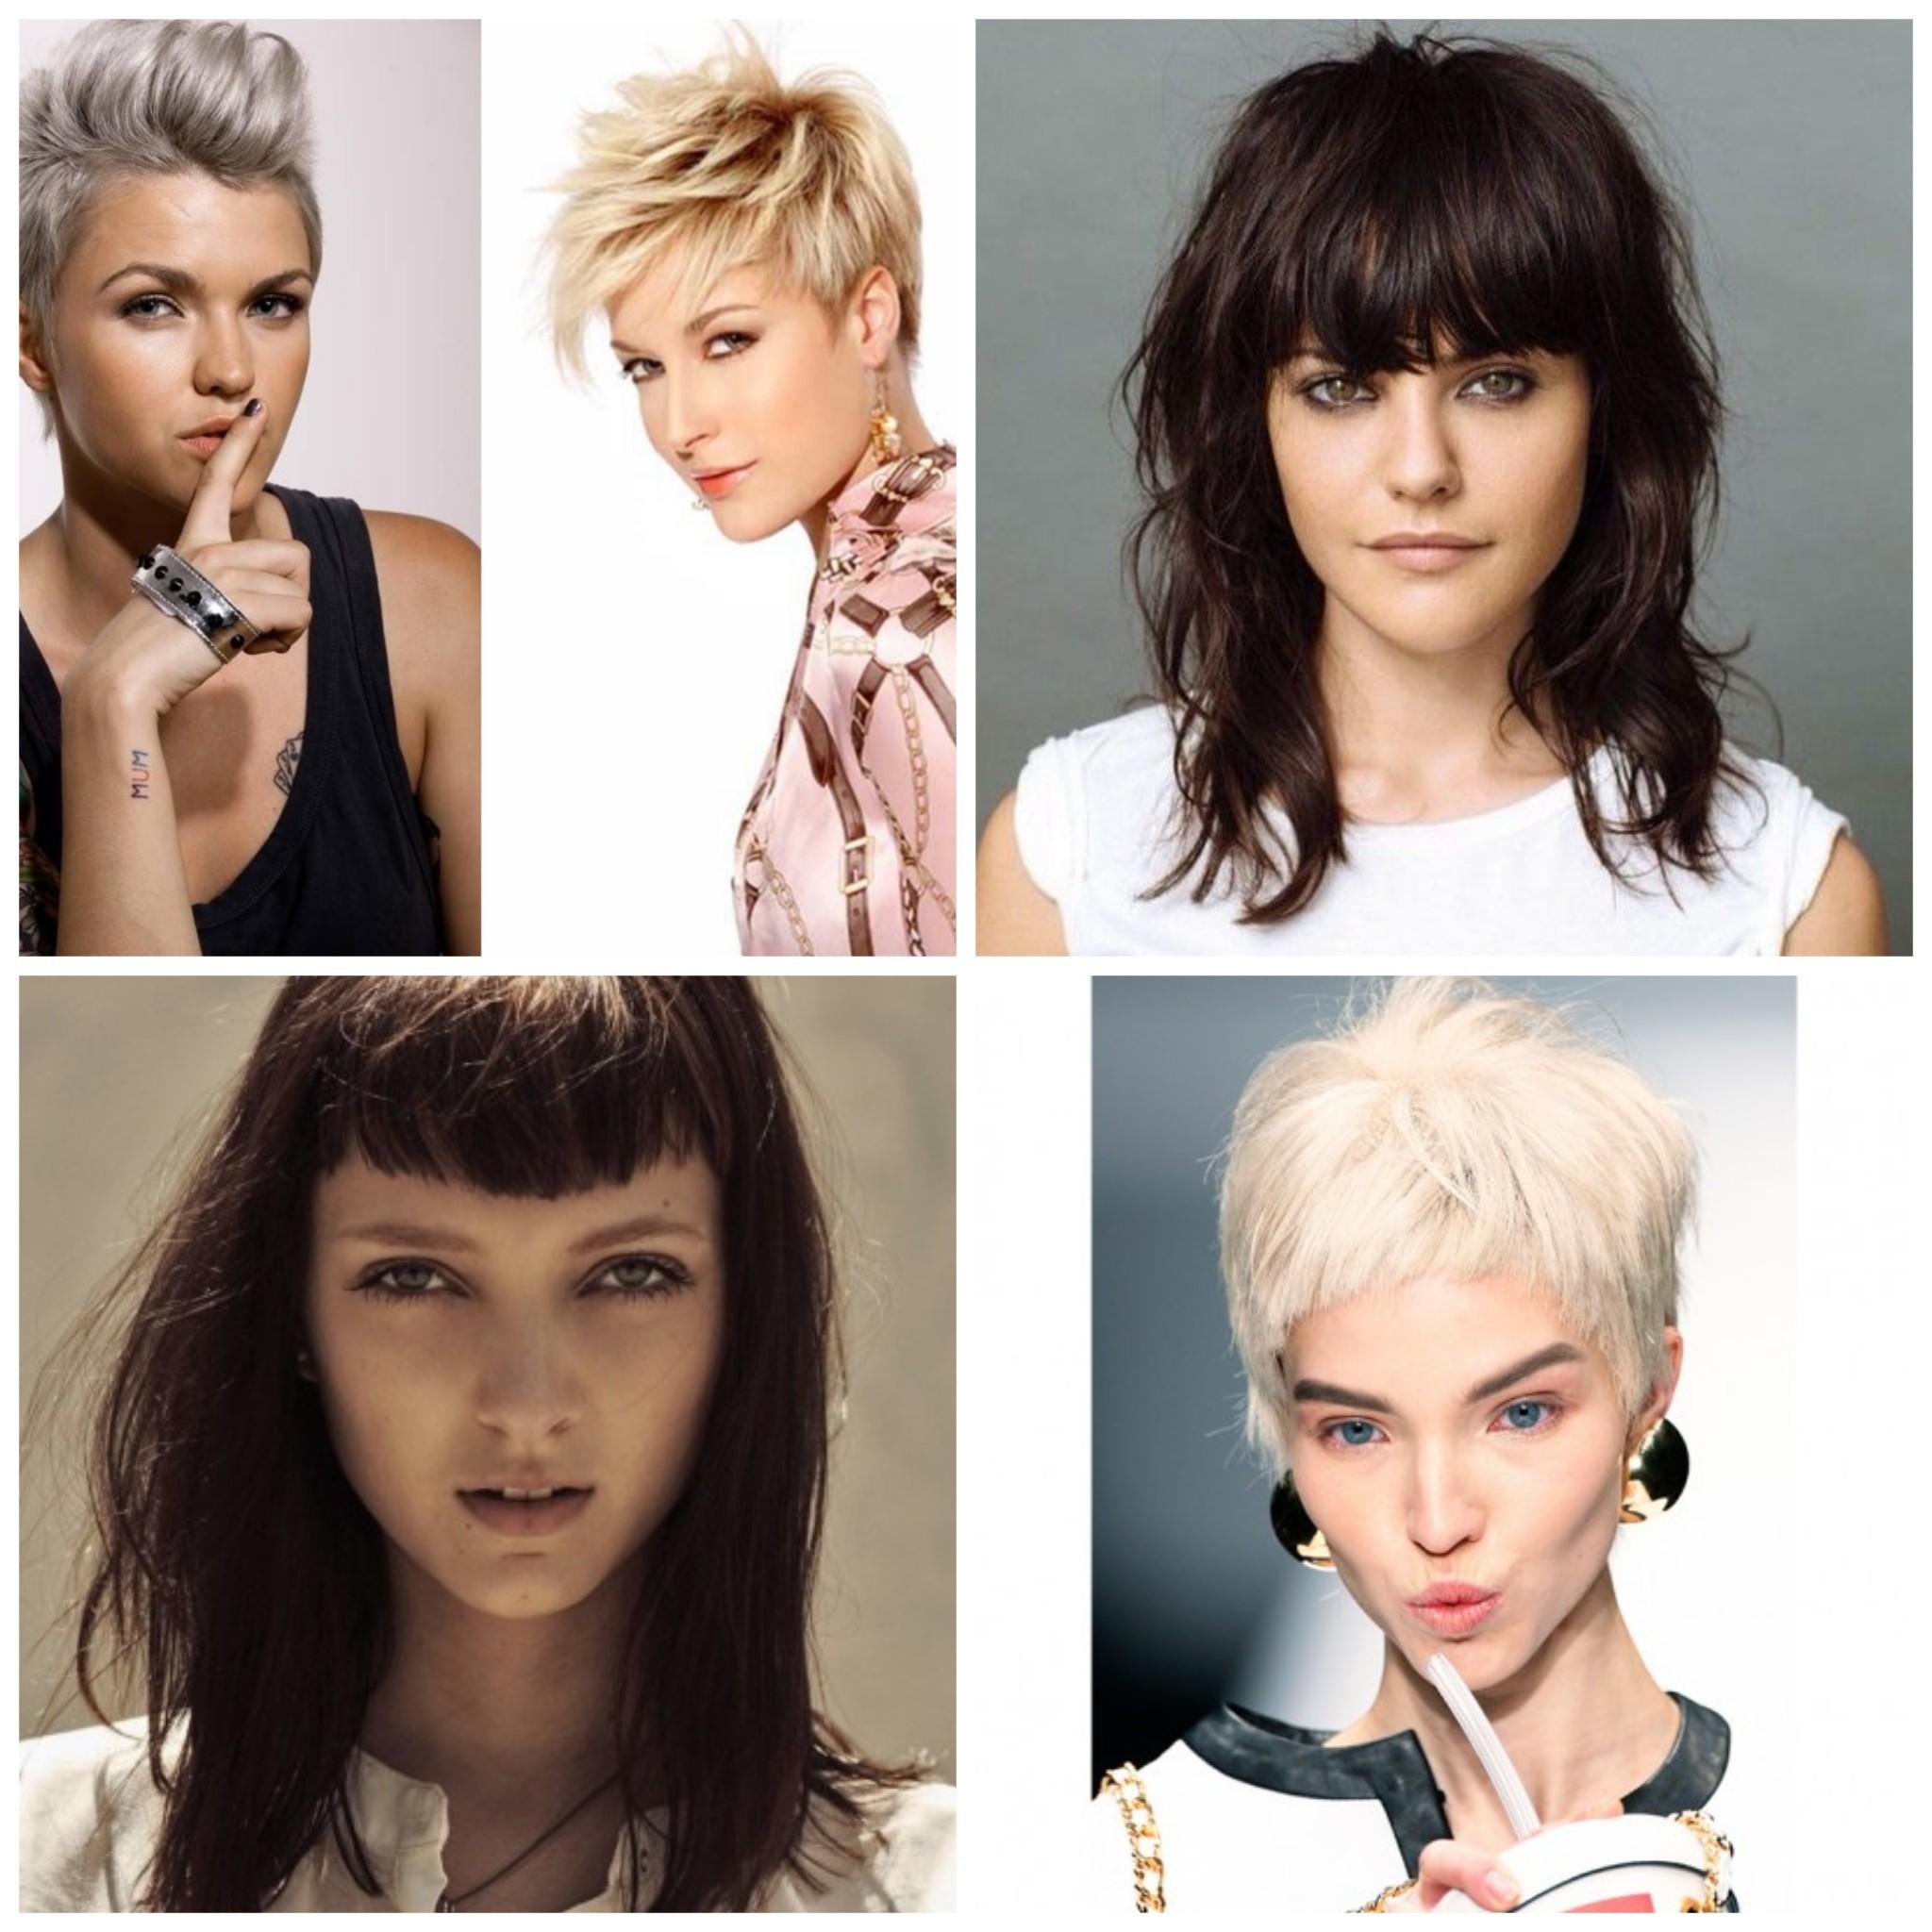 Hair styling...Taglio capelli e acconciature tendenze per la ... 48eb6c5bcfab